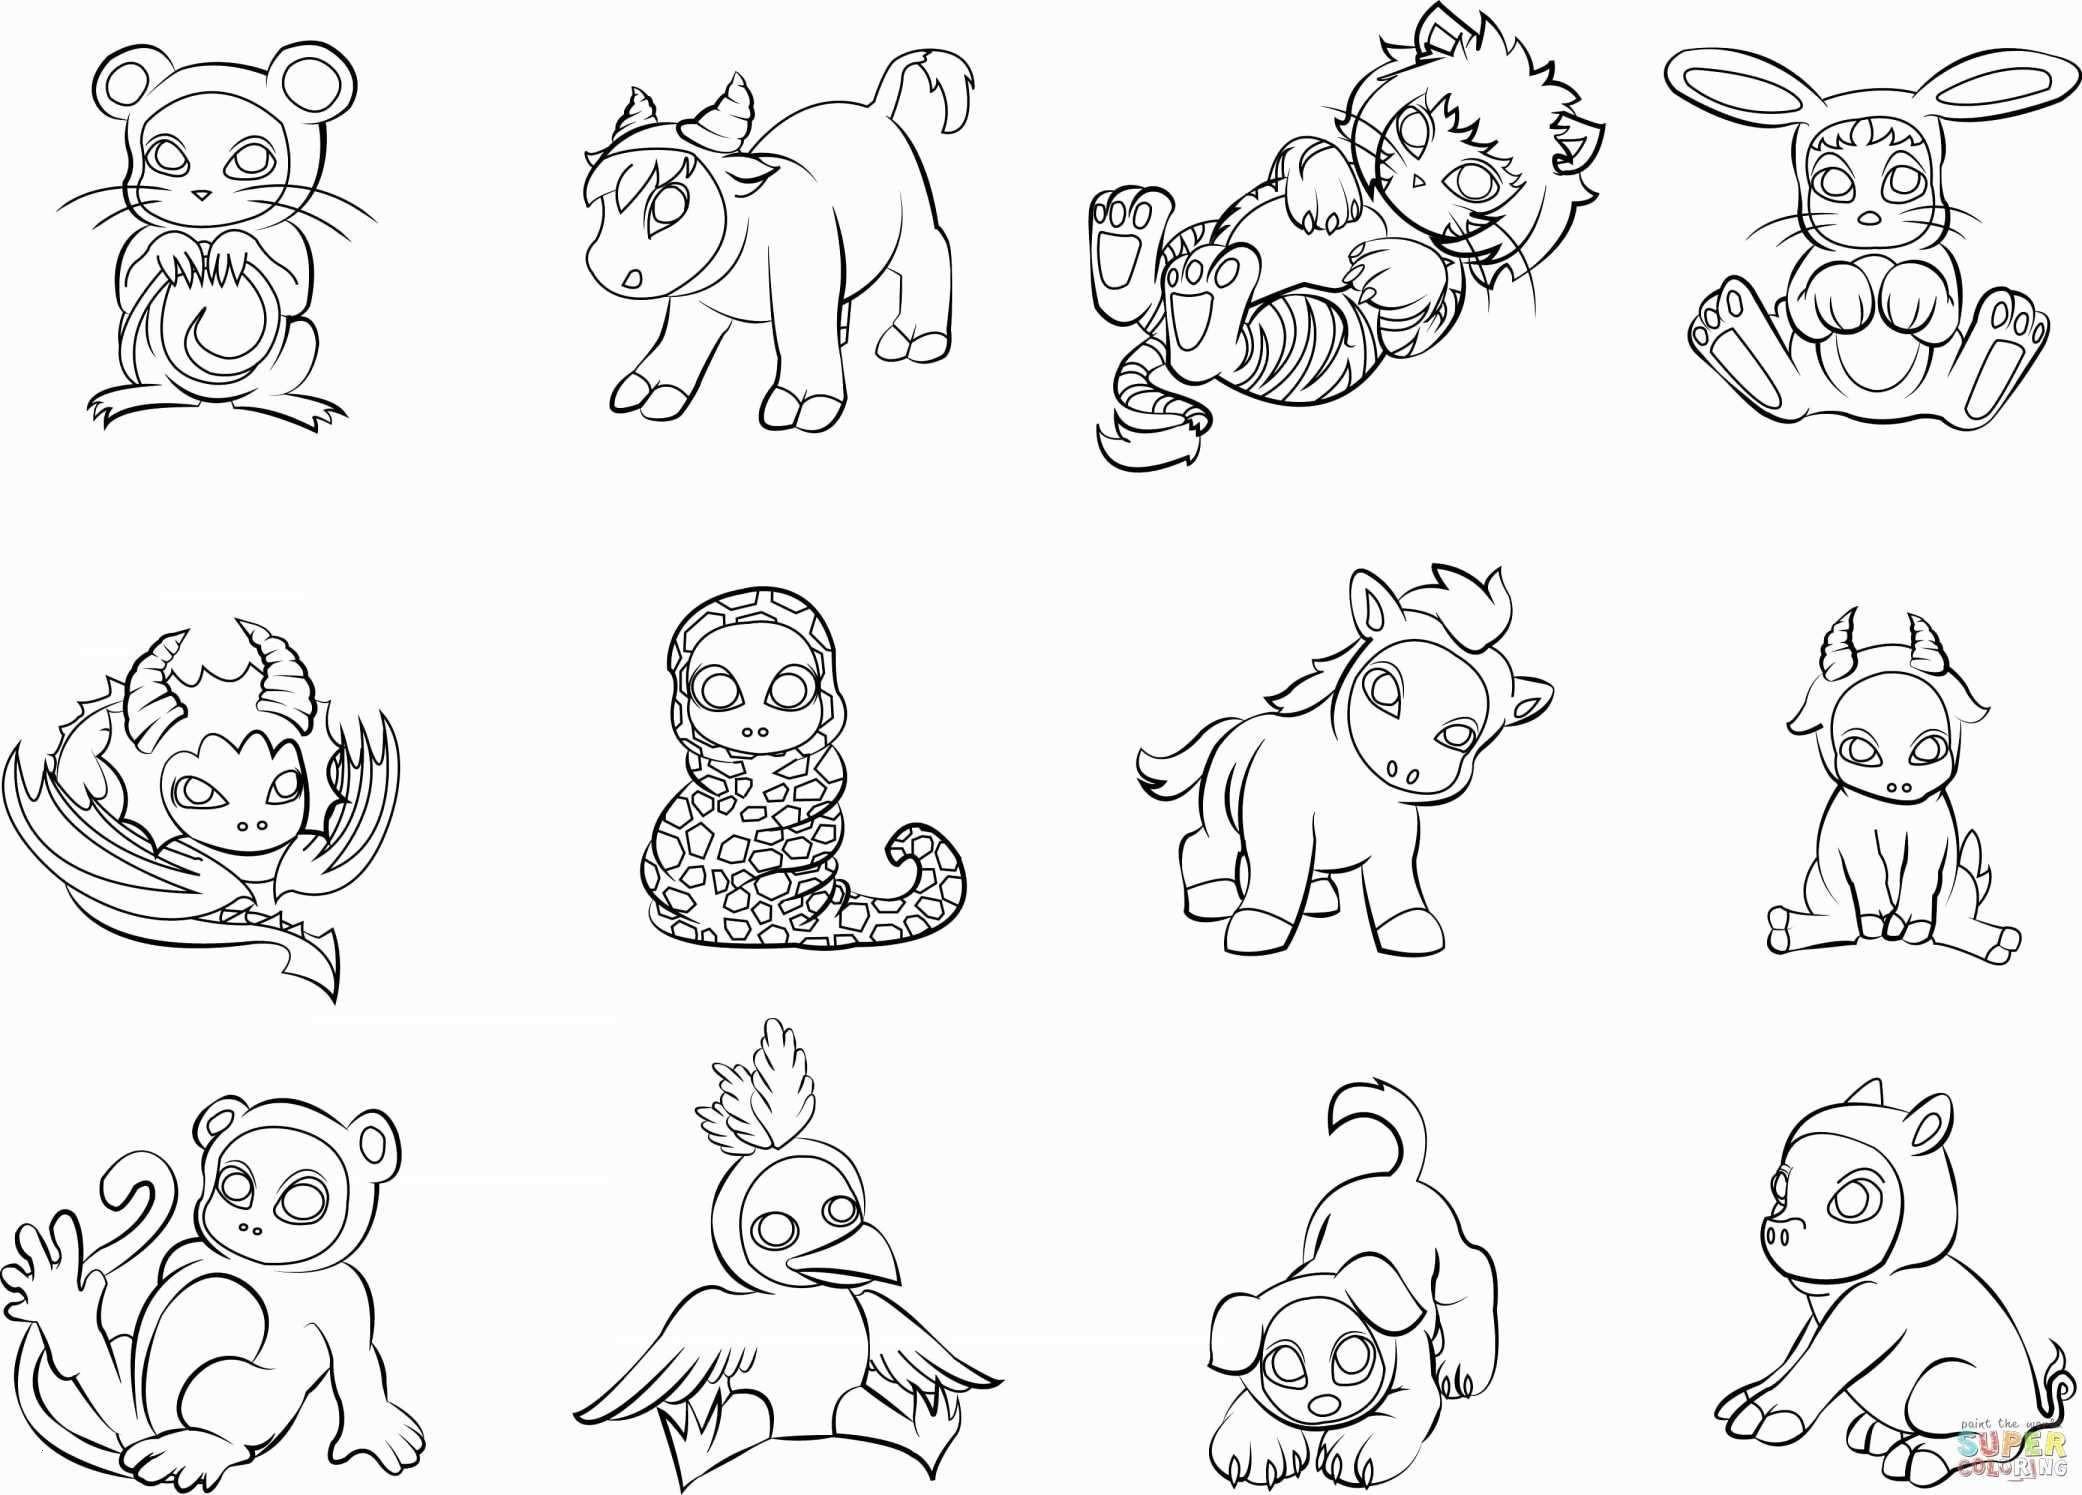 Ausmalbild Winnie Pooh Genial Winnie Pooh Malvorlagen Neu Ausmalbilder Winnie Puuh Elegant Bild